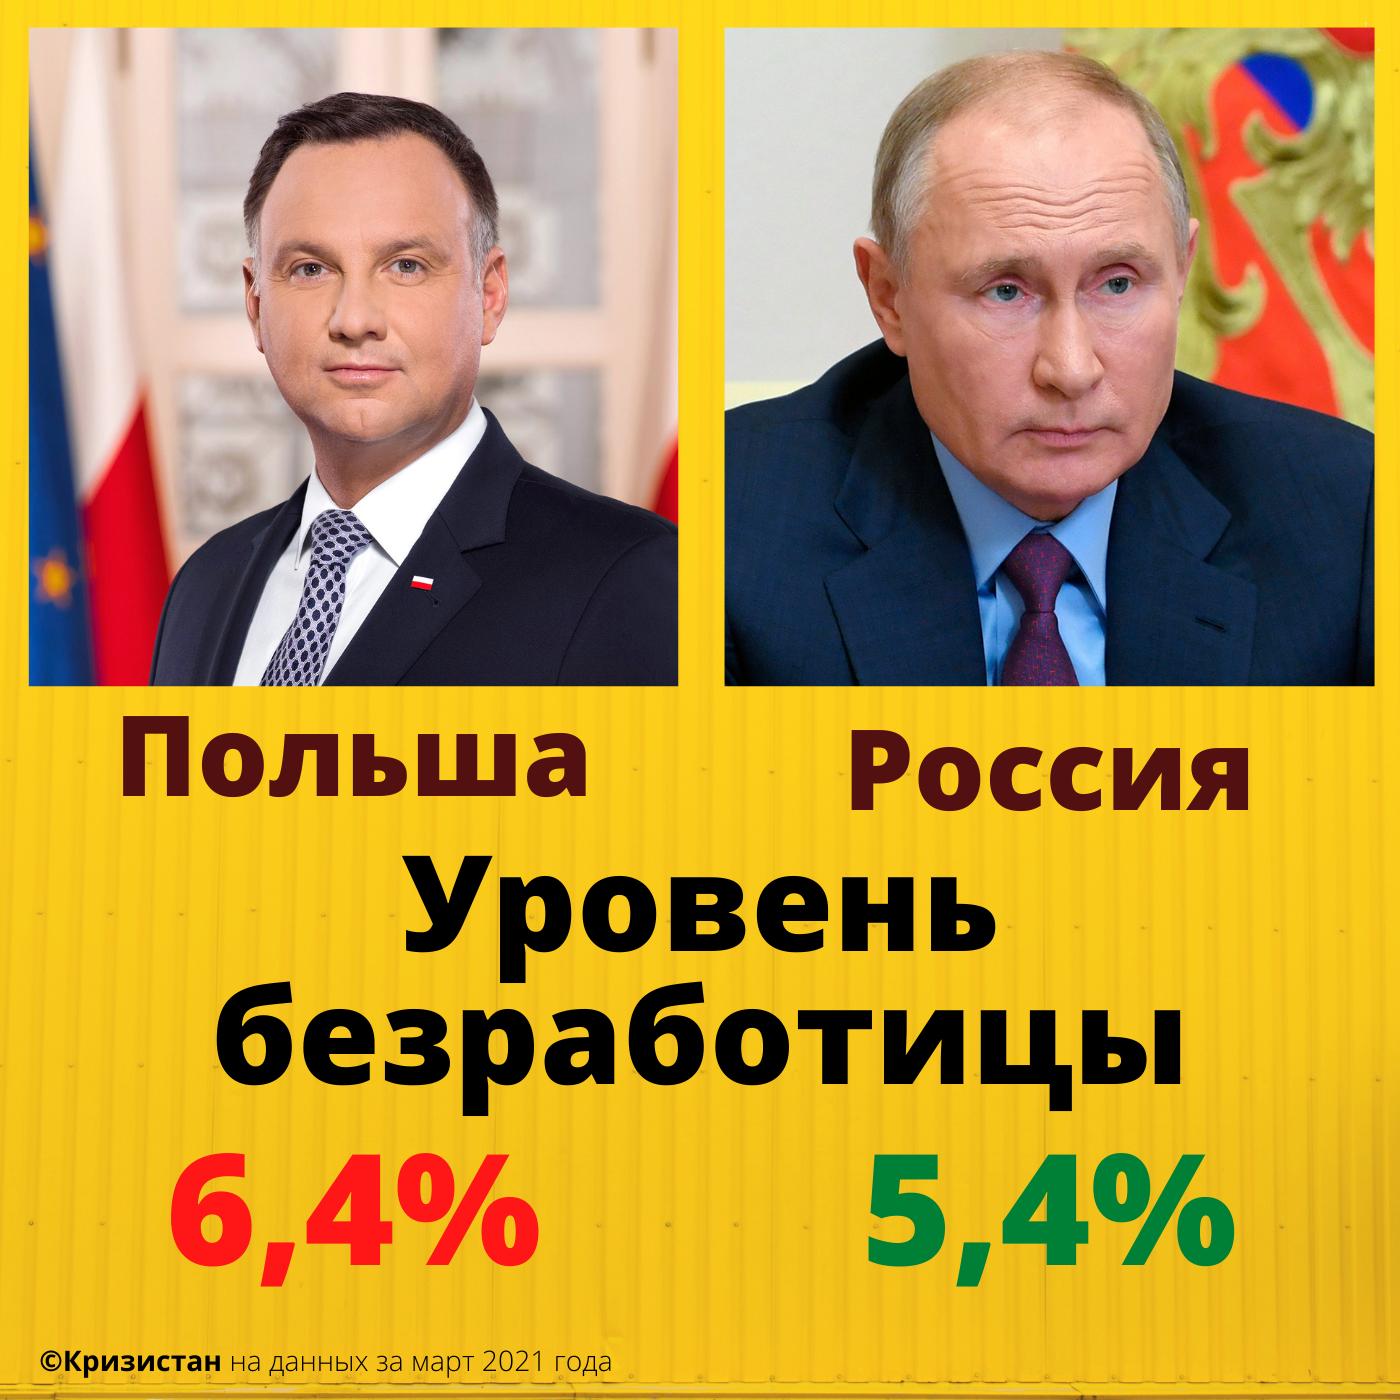 Уровень безработицы в России и в Польше